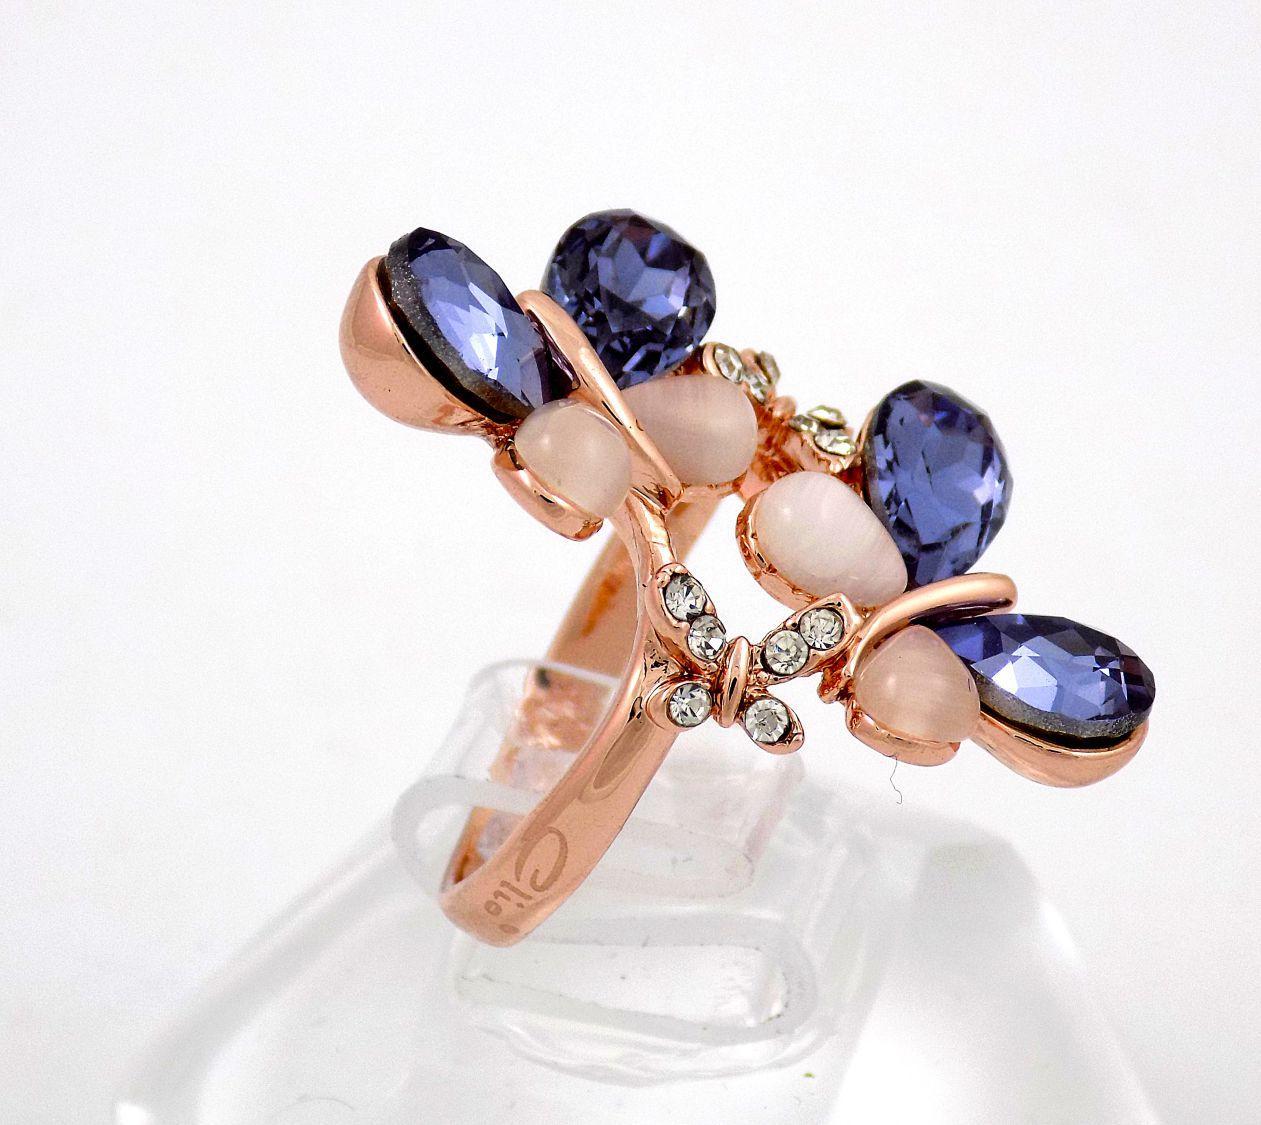 انگشتر جواهری رزگلد کلیو با نگین های بنفش سواروسکی و سنگ اپال Rg-n148